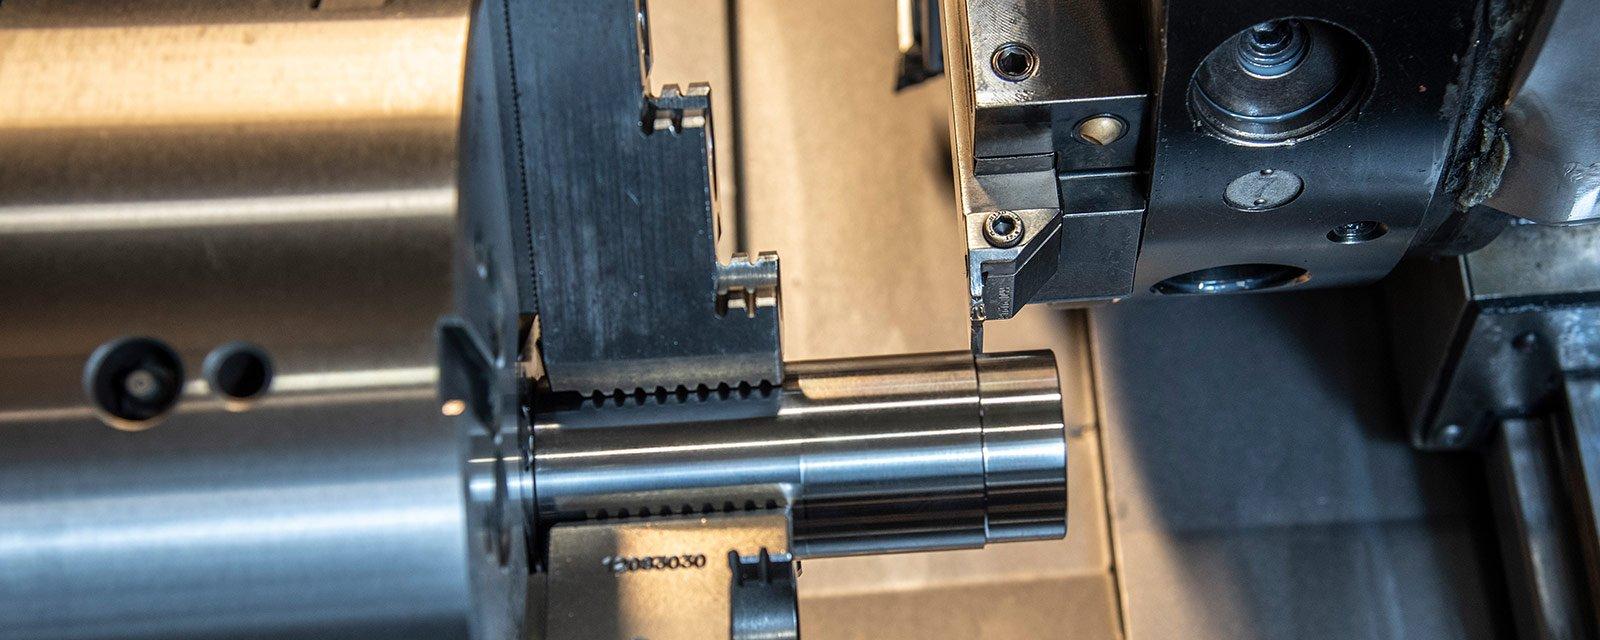 Officina Mina - Lavorazioni meccaniche di precisione